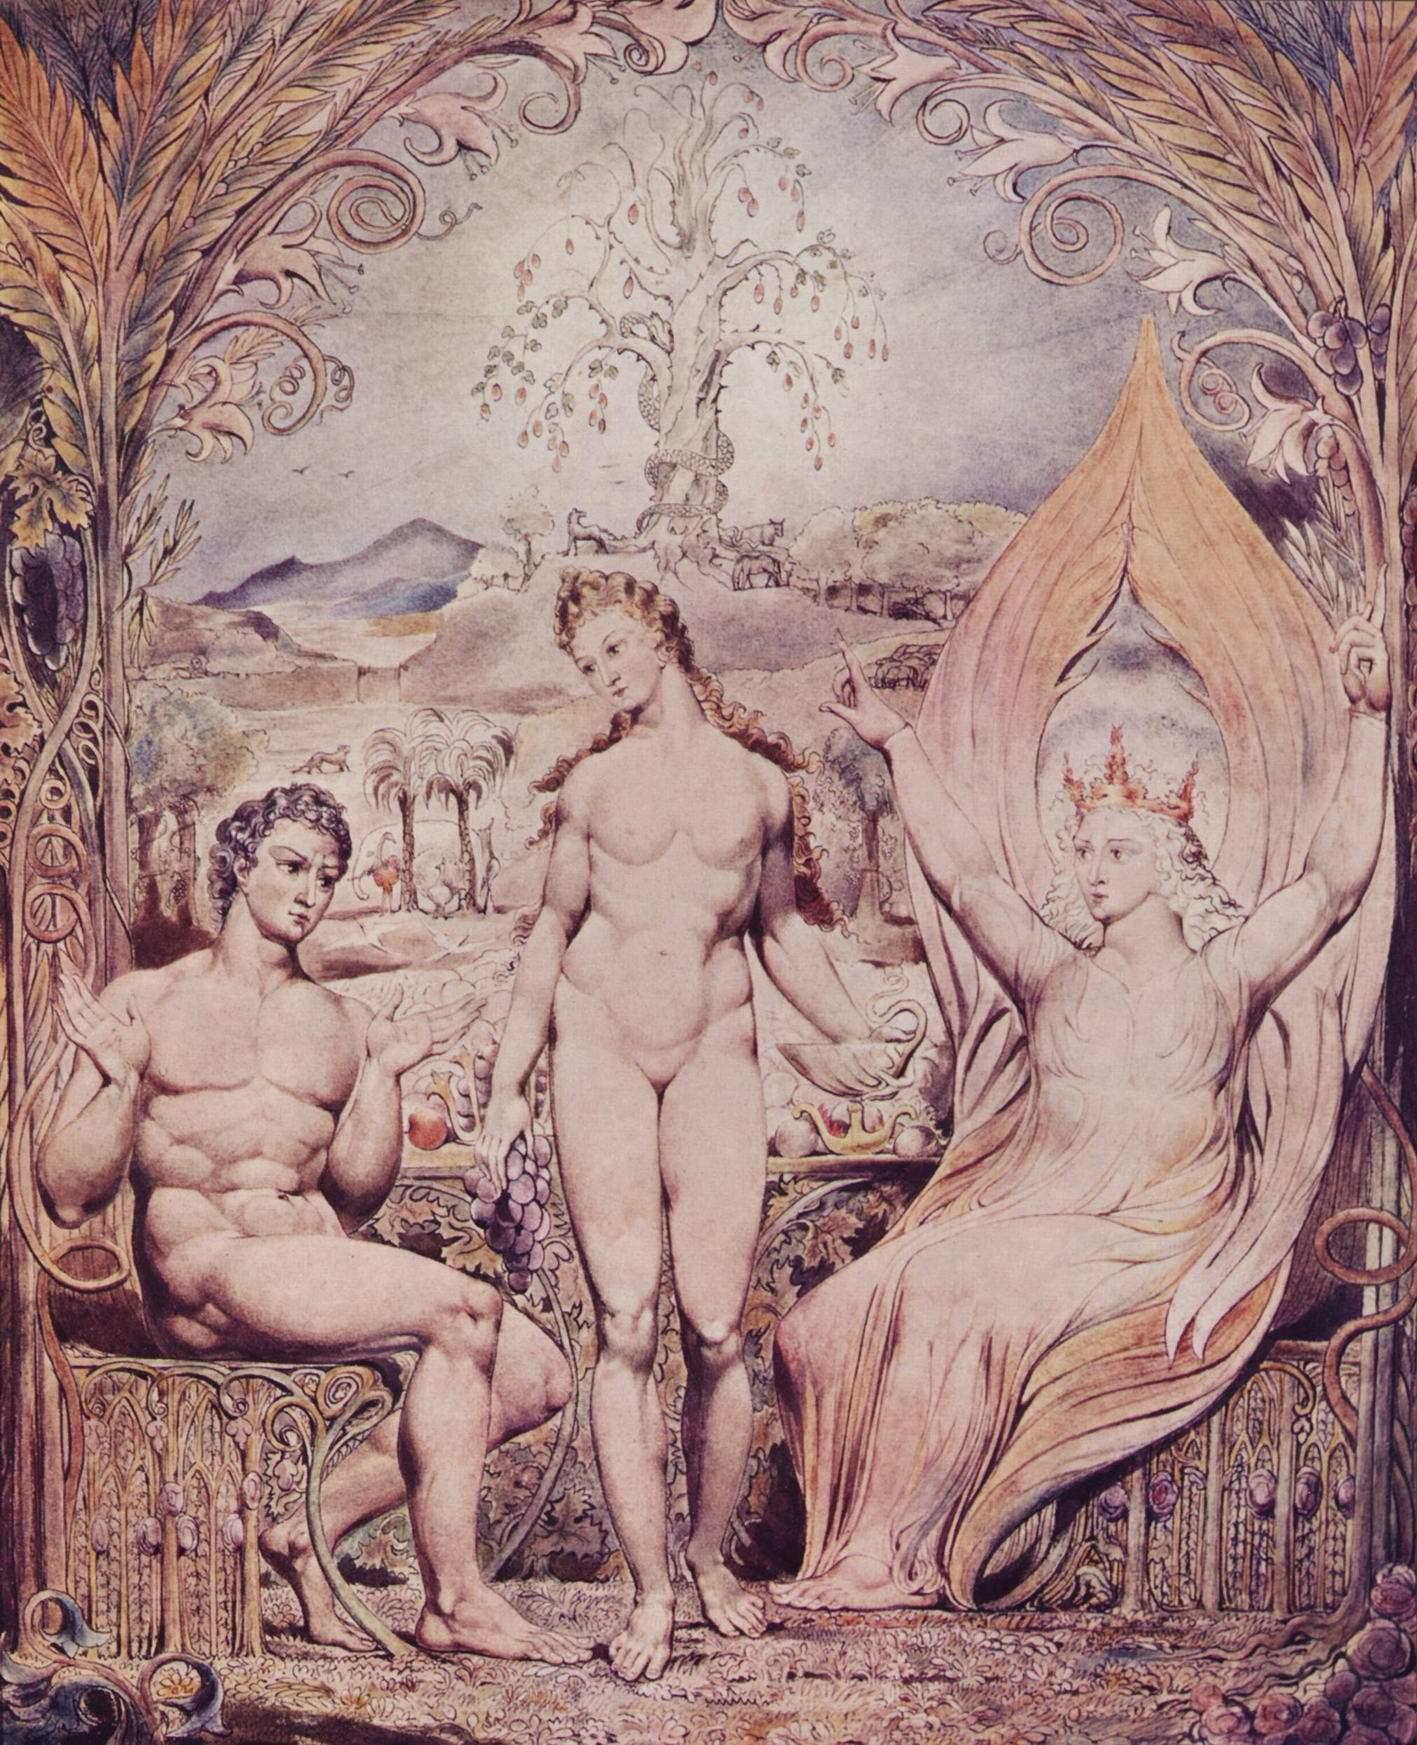 Архангел Рафаил с Адамом и Евой, Уильям Блейк